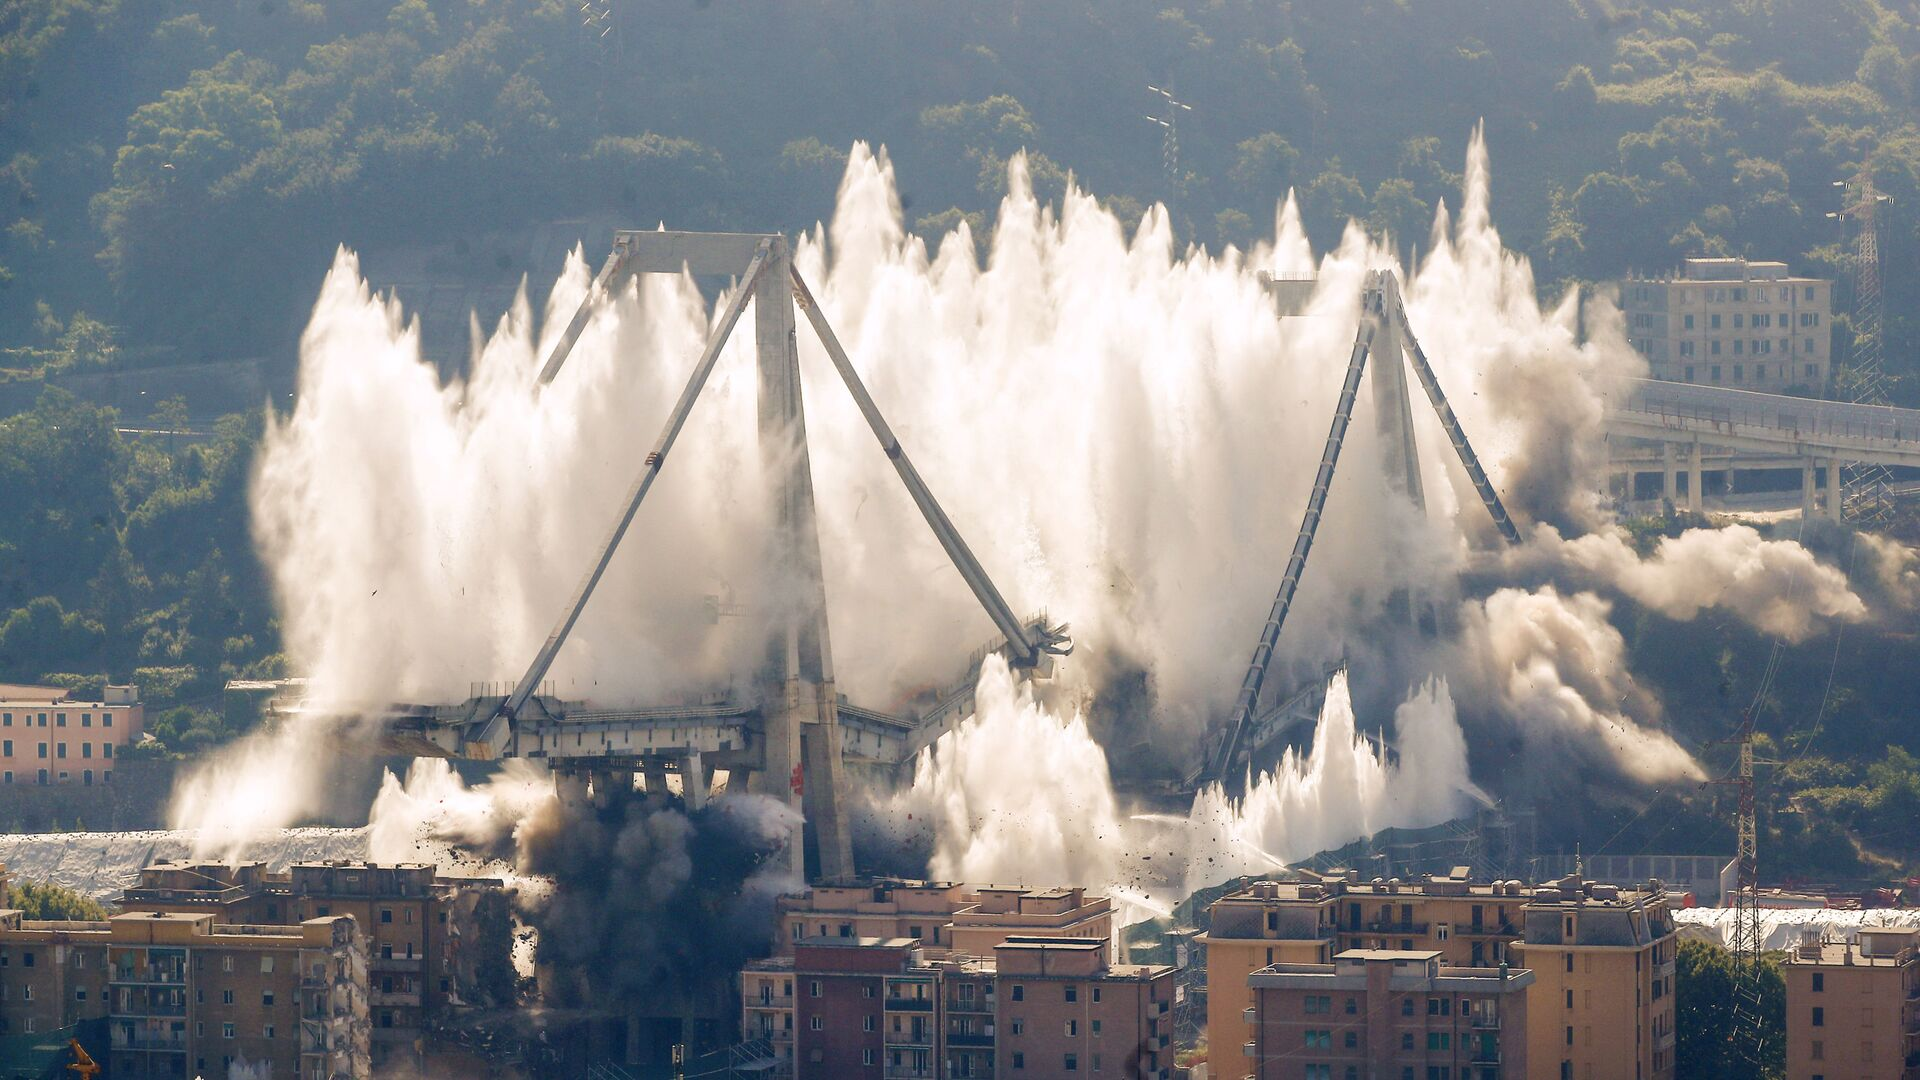 Momento dell'esplosione del ponte Morandi a Genova, 26.08.2019 - Sputnik Italia, 1920, 27.06.2021